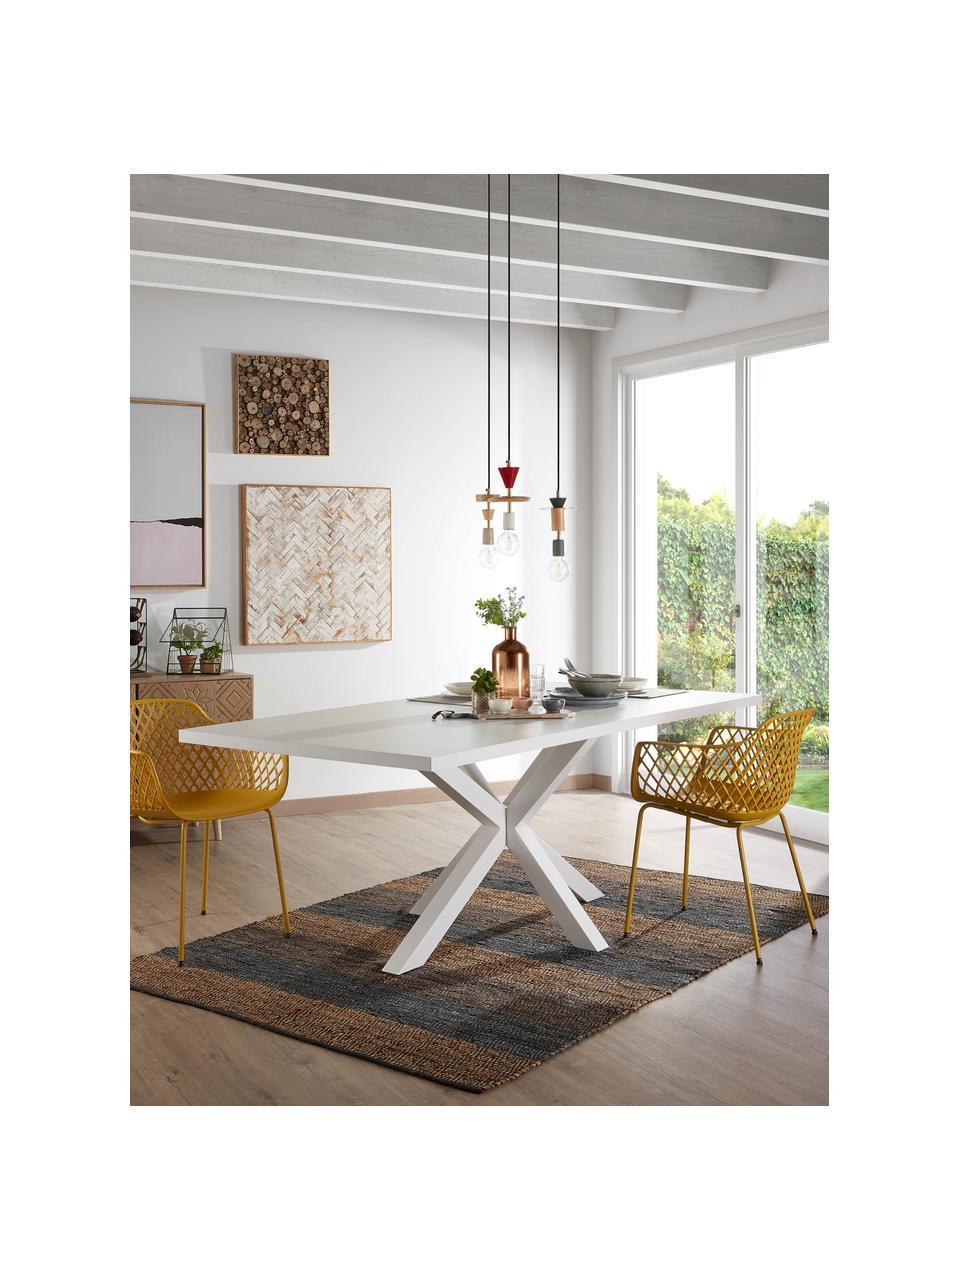 Eettafel New-Arya in wit, Hout, metaal, Wit, B 160 x D 100 cm